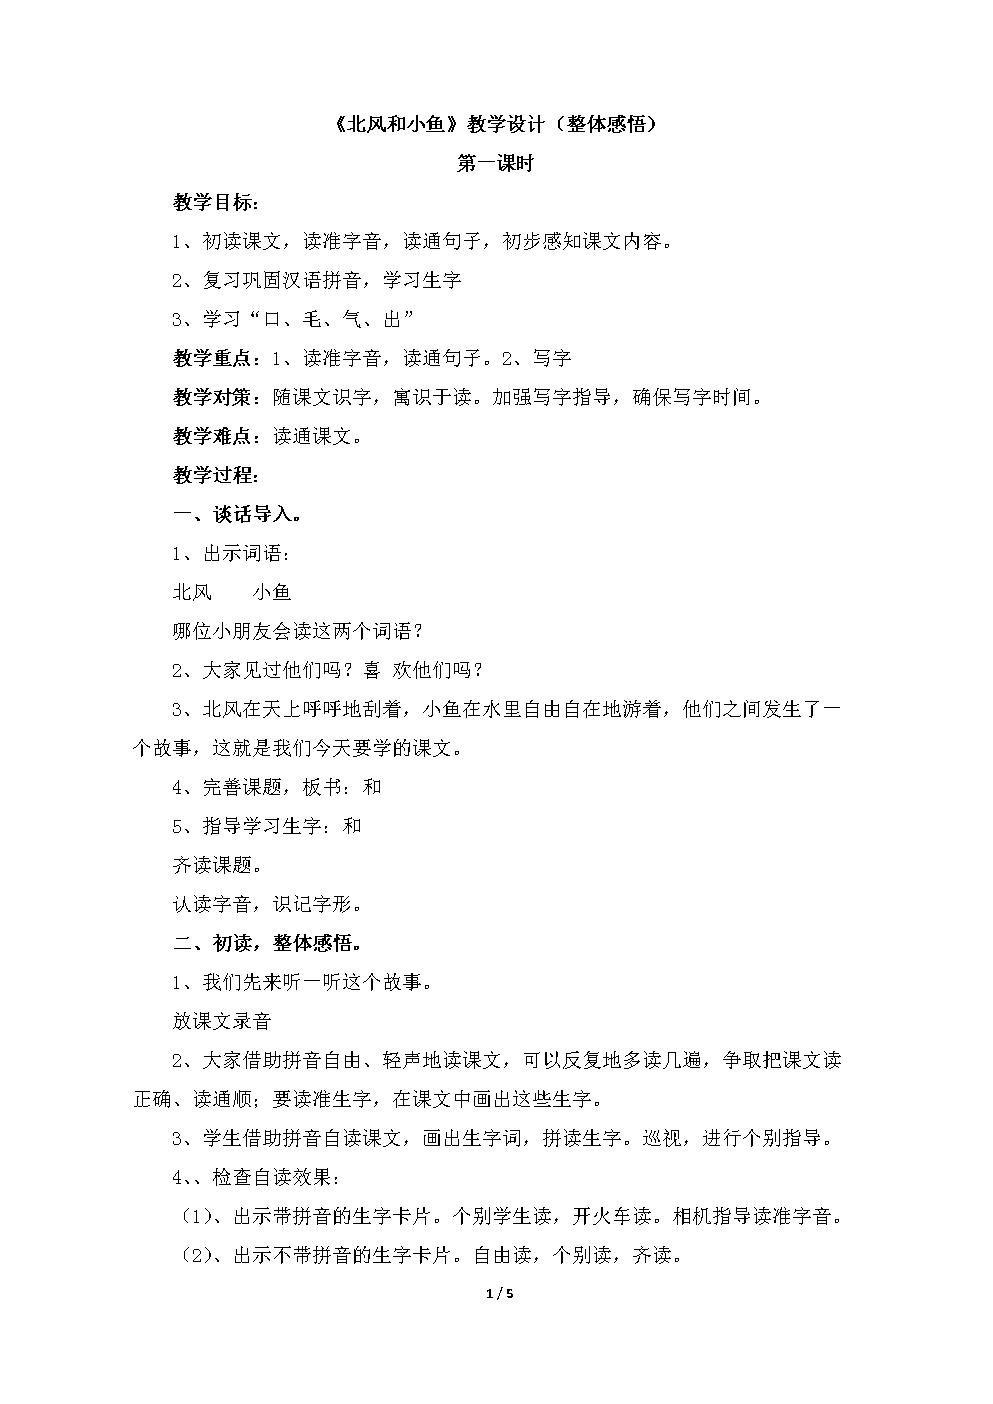 小学一年级语文上册《北风和小鱼》教学设计(整体感悟)(苏教版).doc